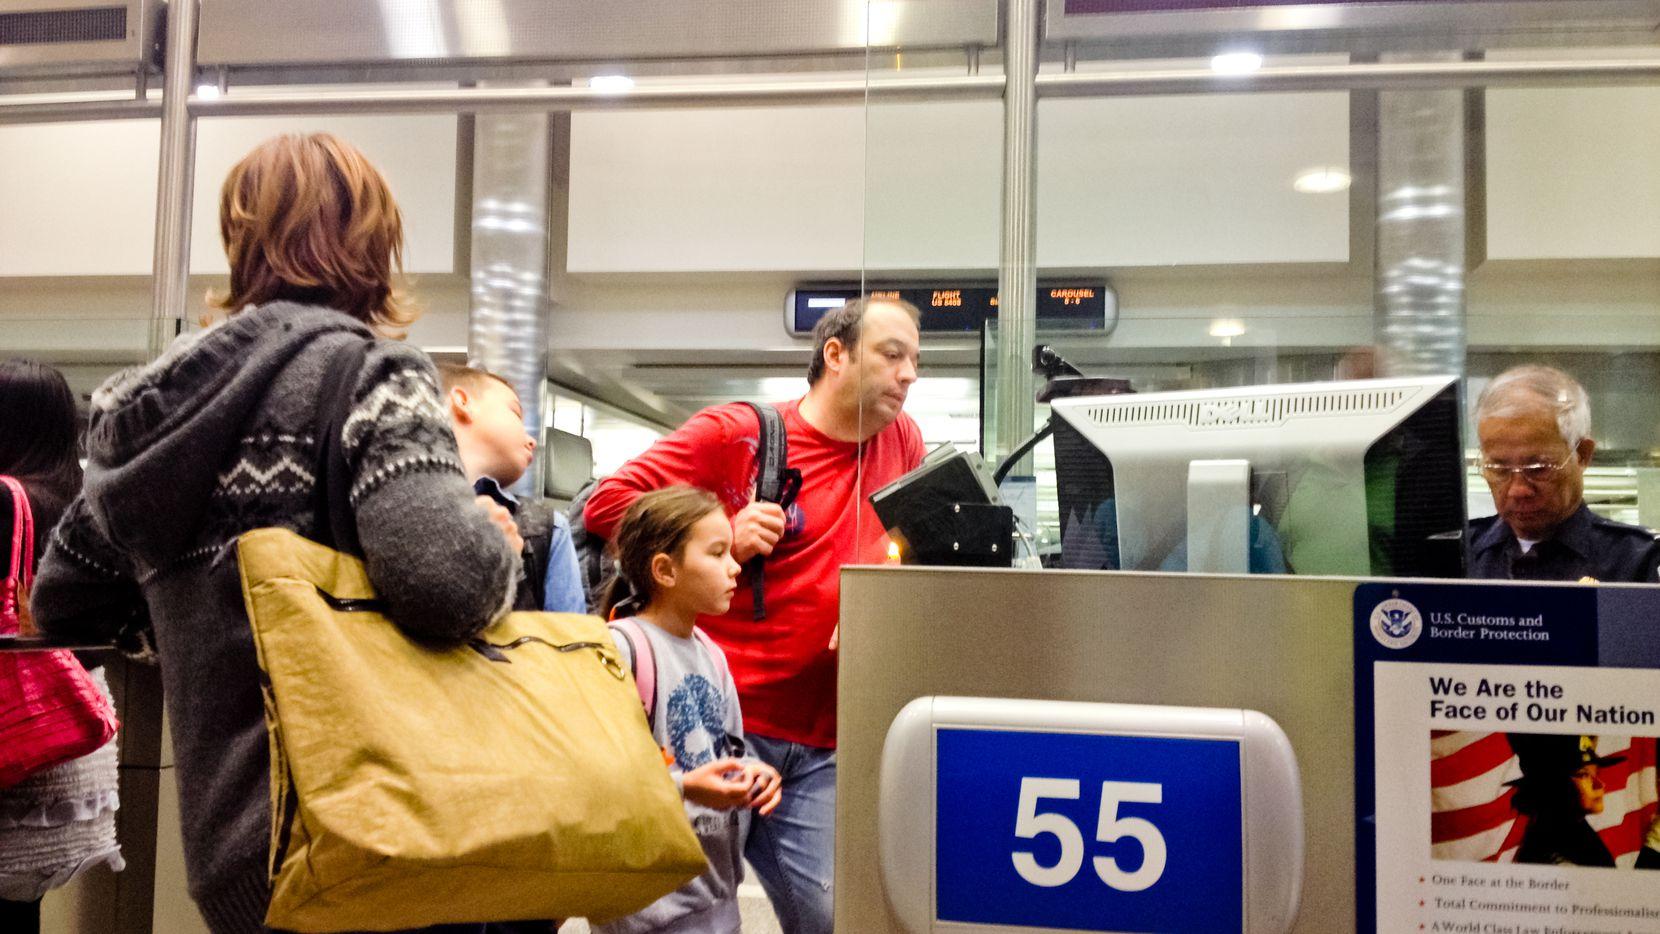 Cálculos del Center for Migration Studies revelan que dos de cada tres personas indocumentadas en Estados Unidos entraron al país con una visa o un permiso de estancia y se quedaron más allá del tiempo permitido.